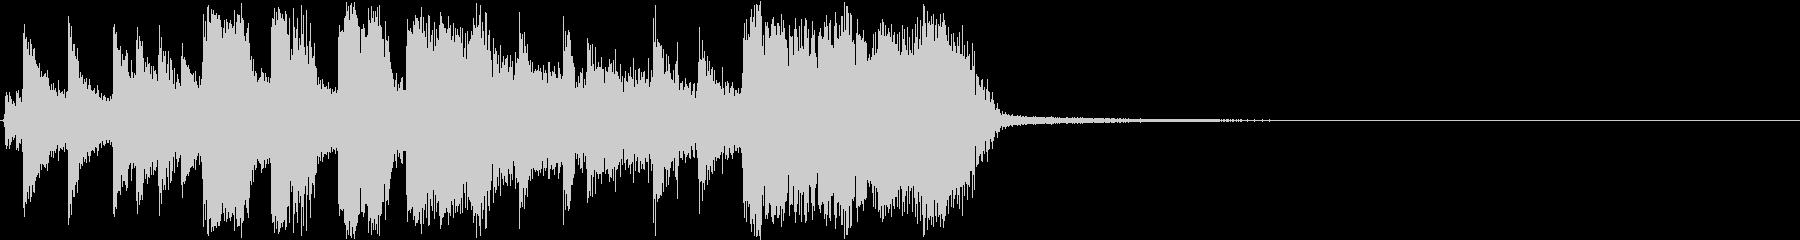 キレのいいトランペットのアイキャッチの未再生の波形